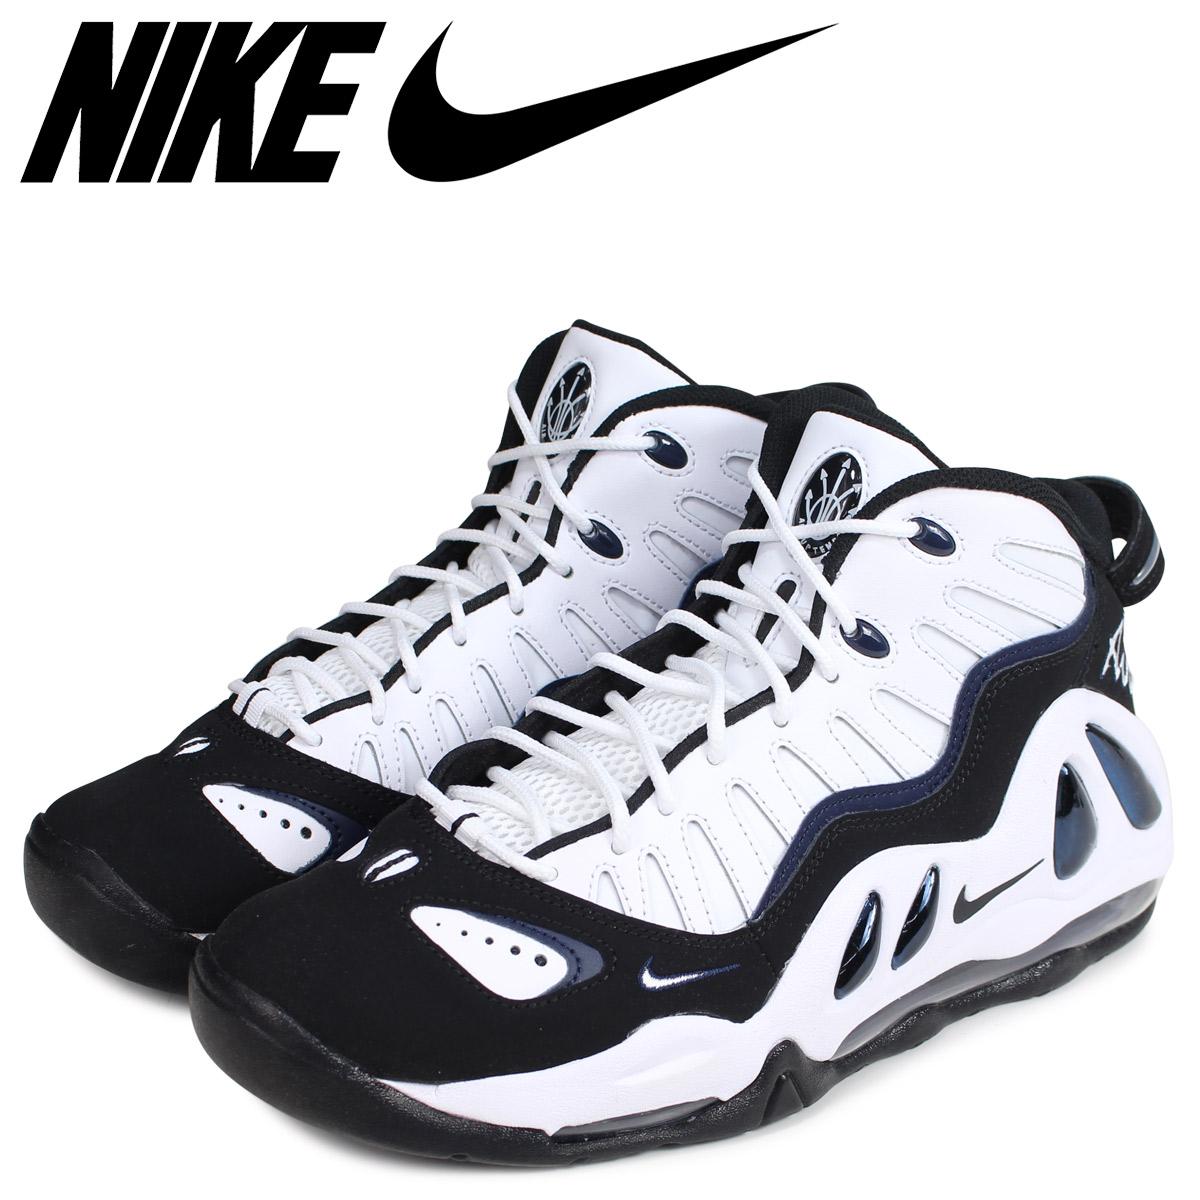 NIKE Kie Ney AMAX up tempo 97 sneakers men AIR MAX UPTEMPO 97 white white 399,207 101